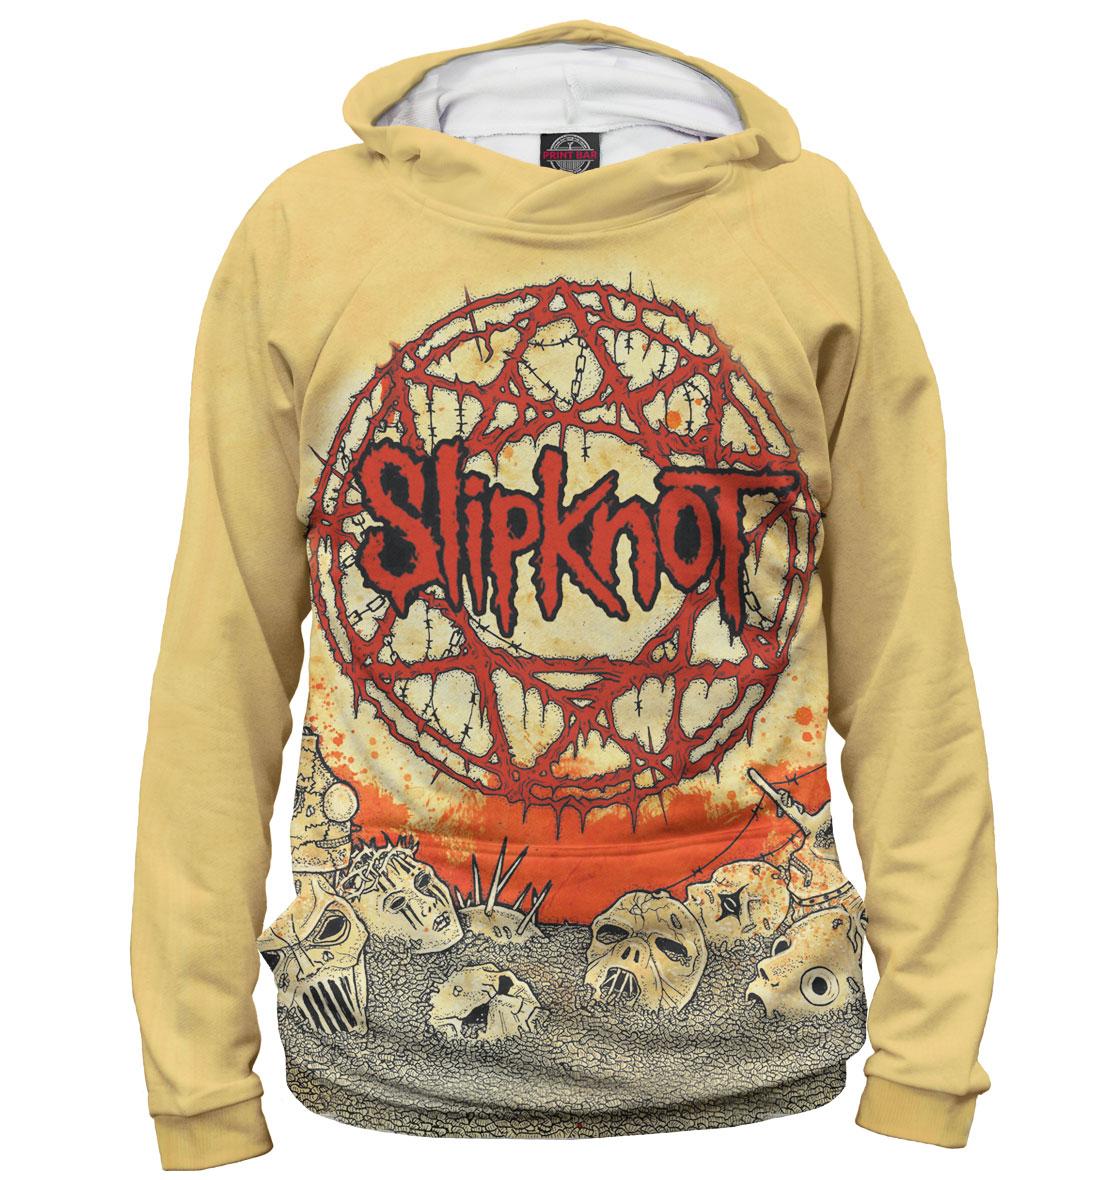 Купить Худи для мальчика Slipknot SLI-435399-hud-2